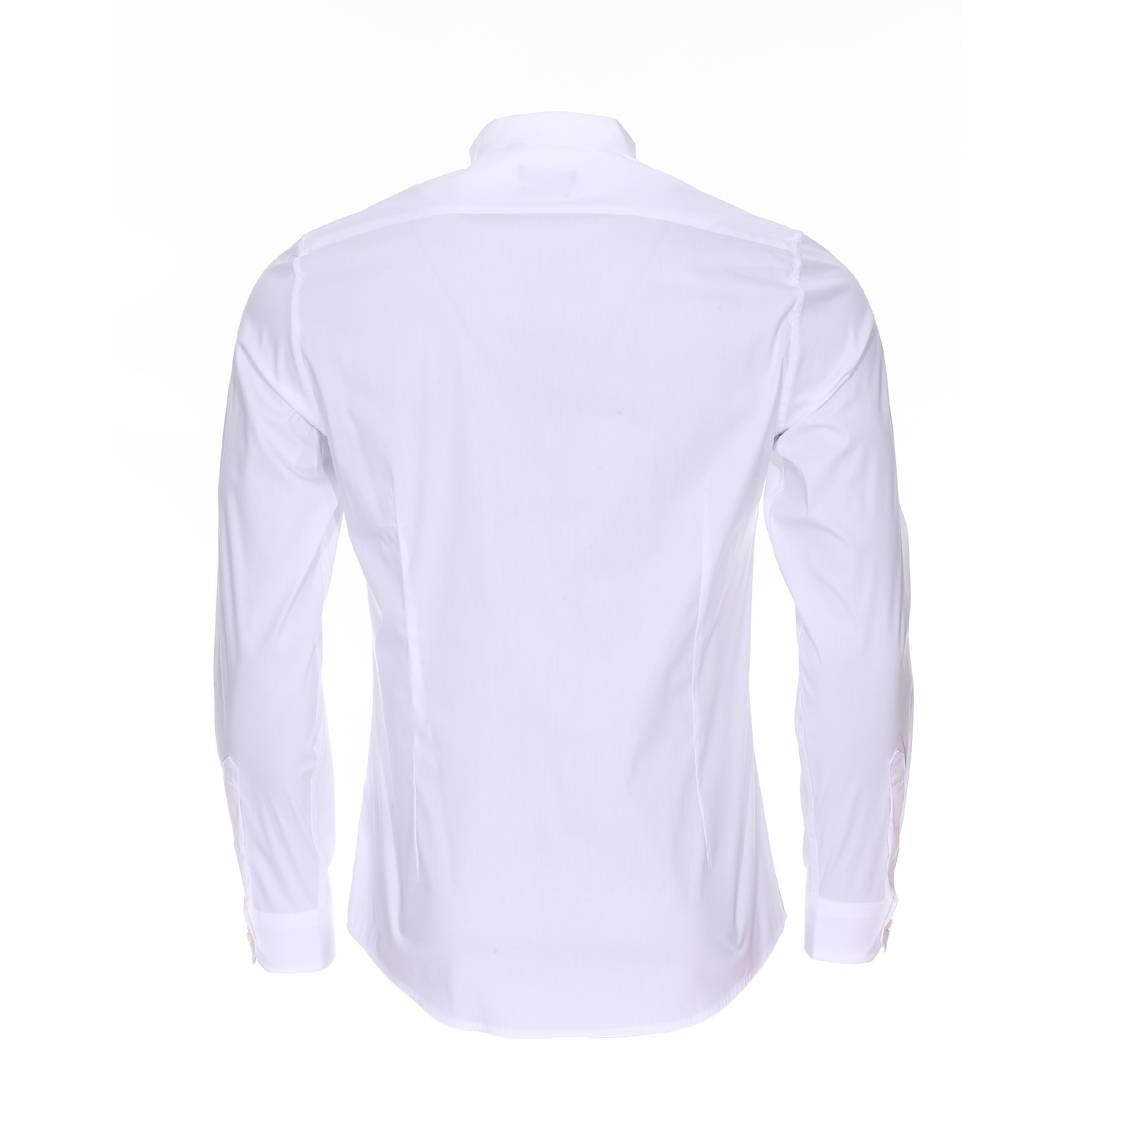 chemise cintr e c r monie antony morato en coton stretch blanc col cass et boutonni re. Black Bedroom Furniture Sets. Home Design Ideas